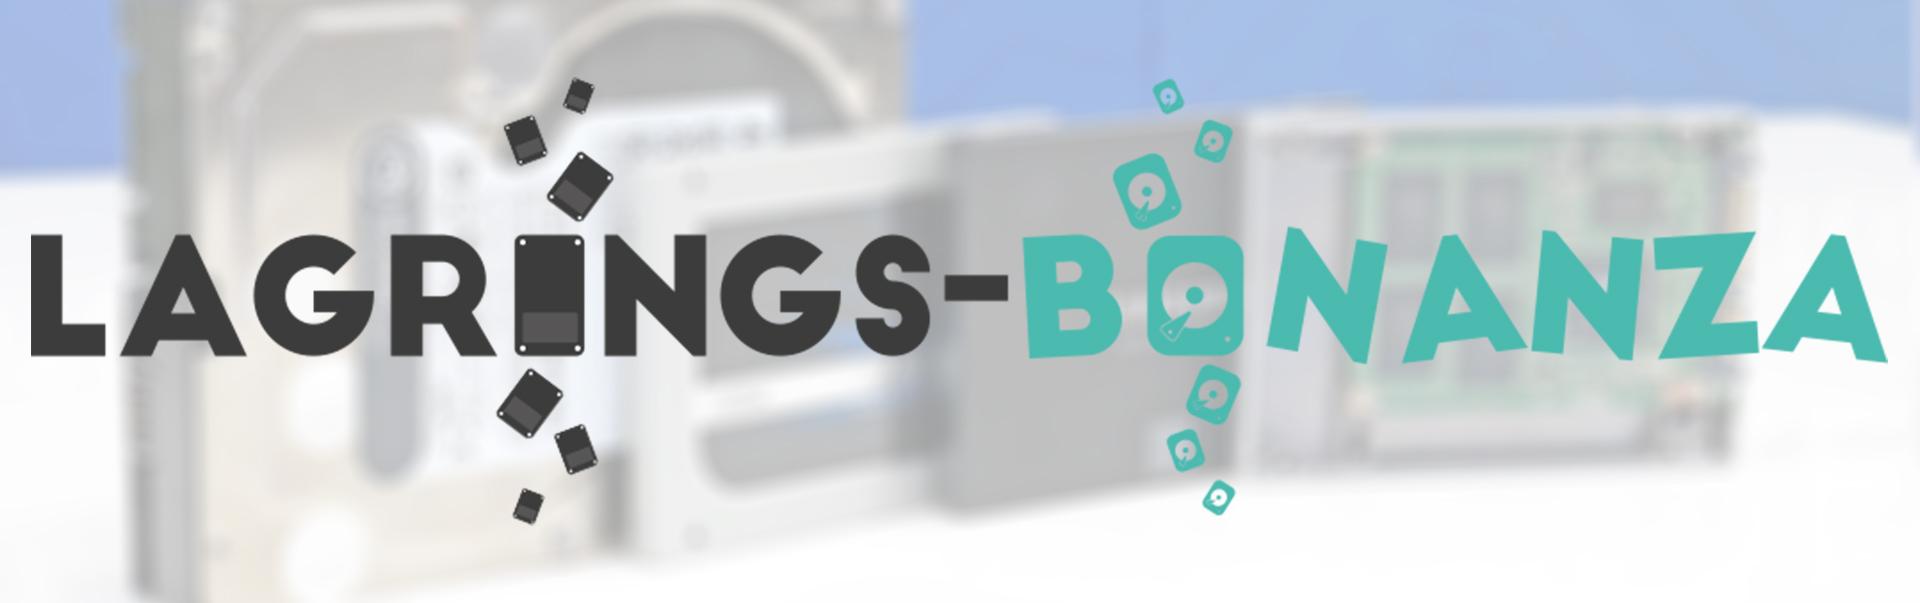 lagringsbonanza_site_banner